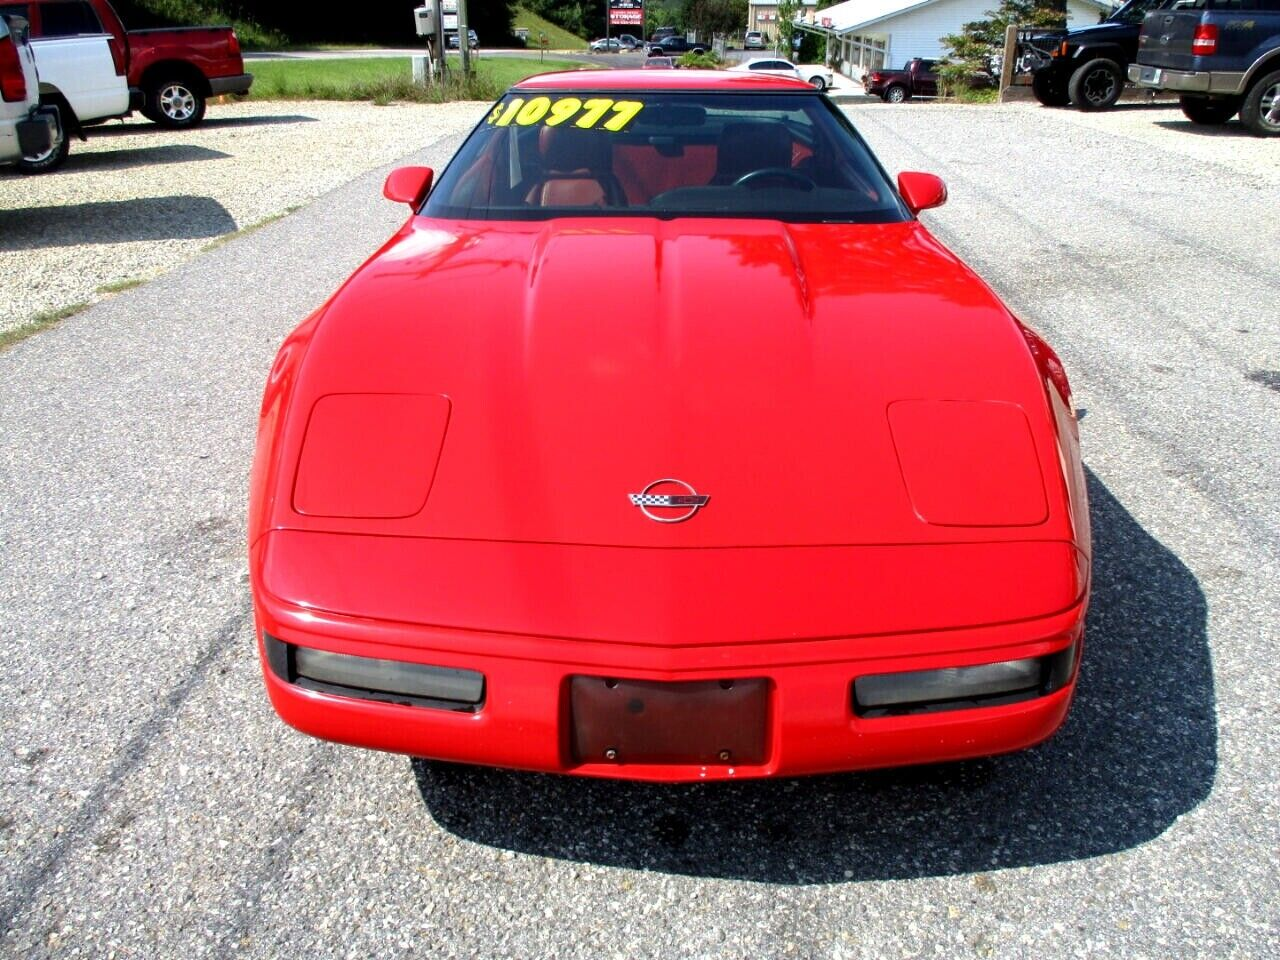 1991 Red Chevrolet Corvette Coupe  | C4 Corvette Photo 8